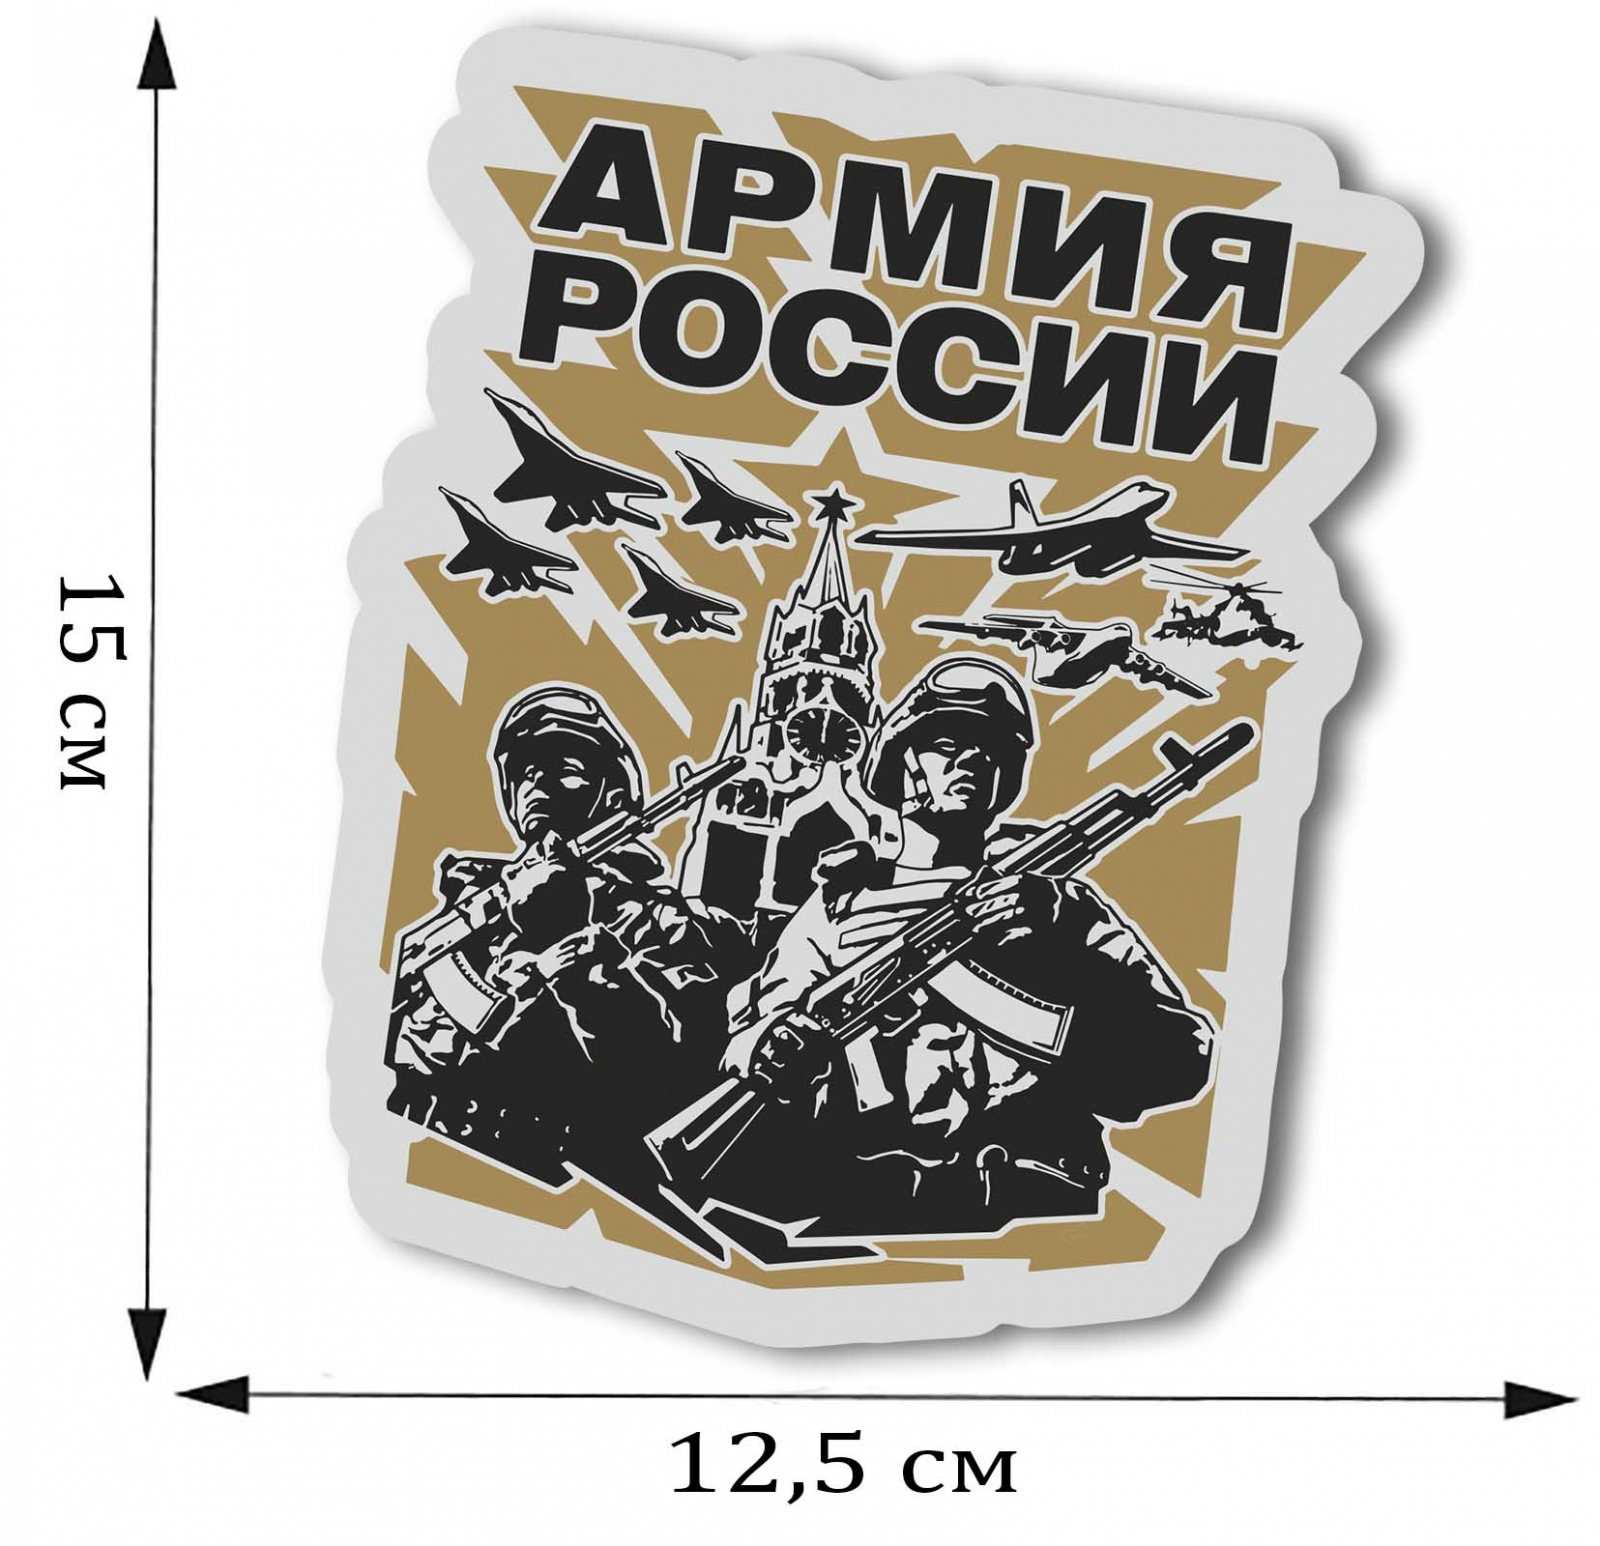 Символика Армия России